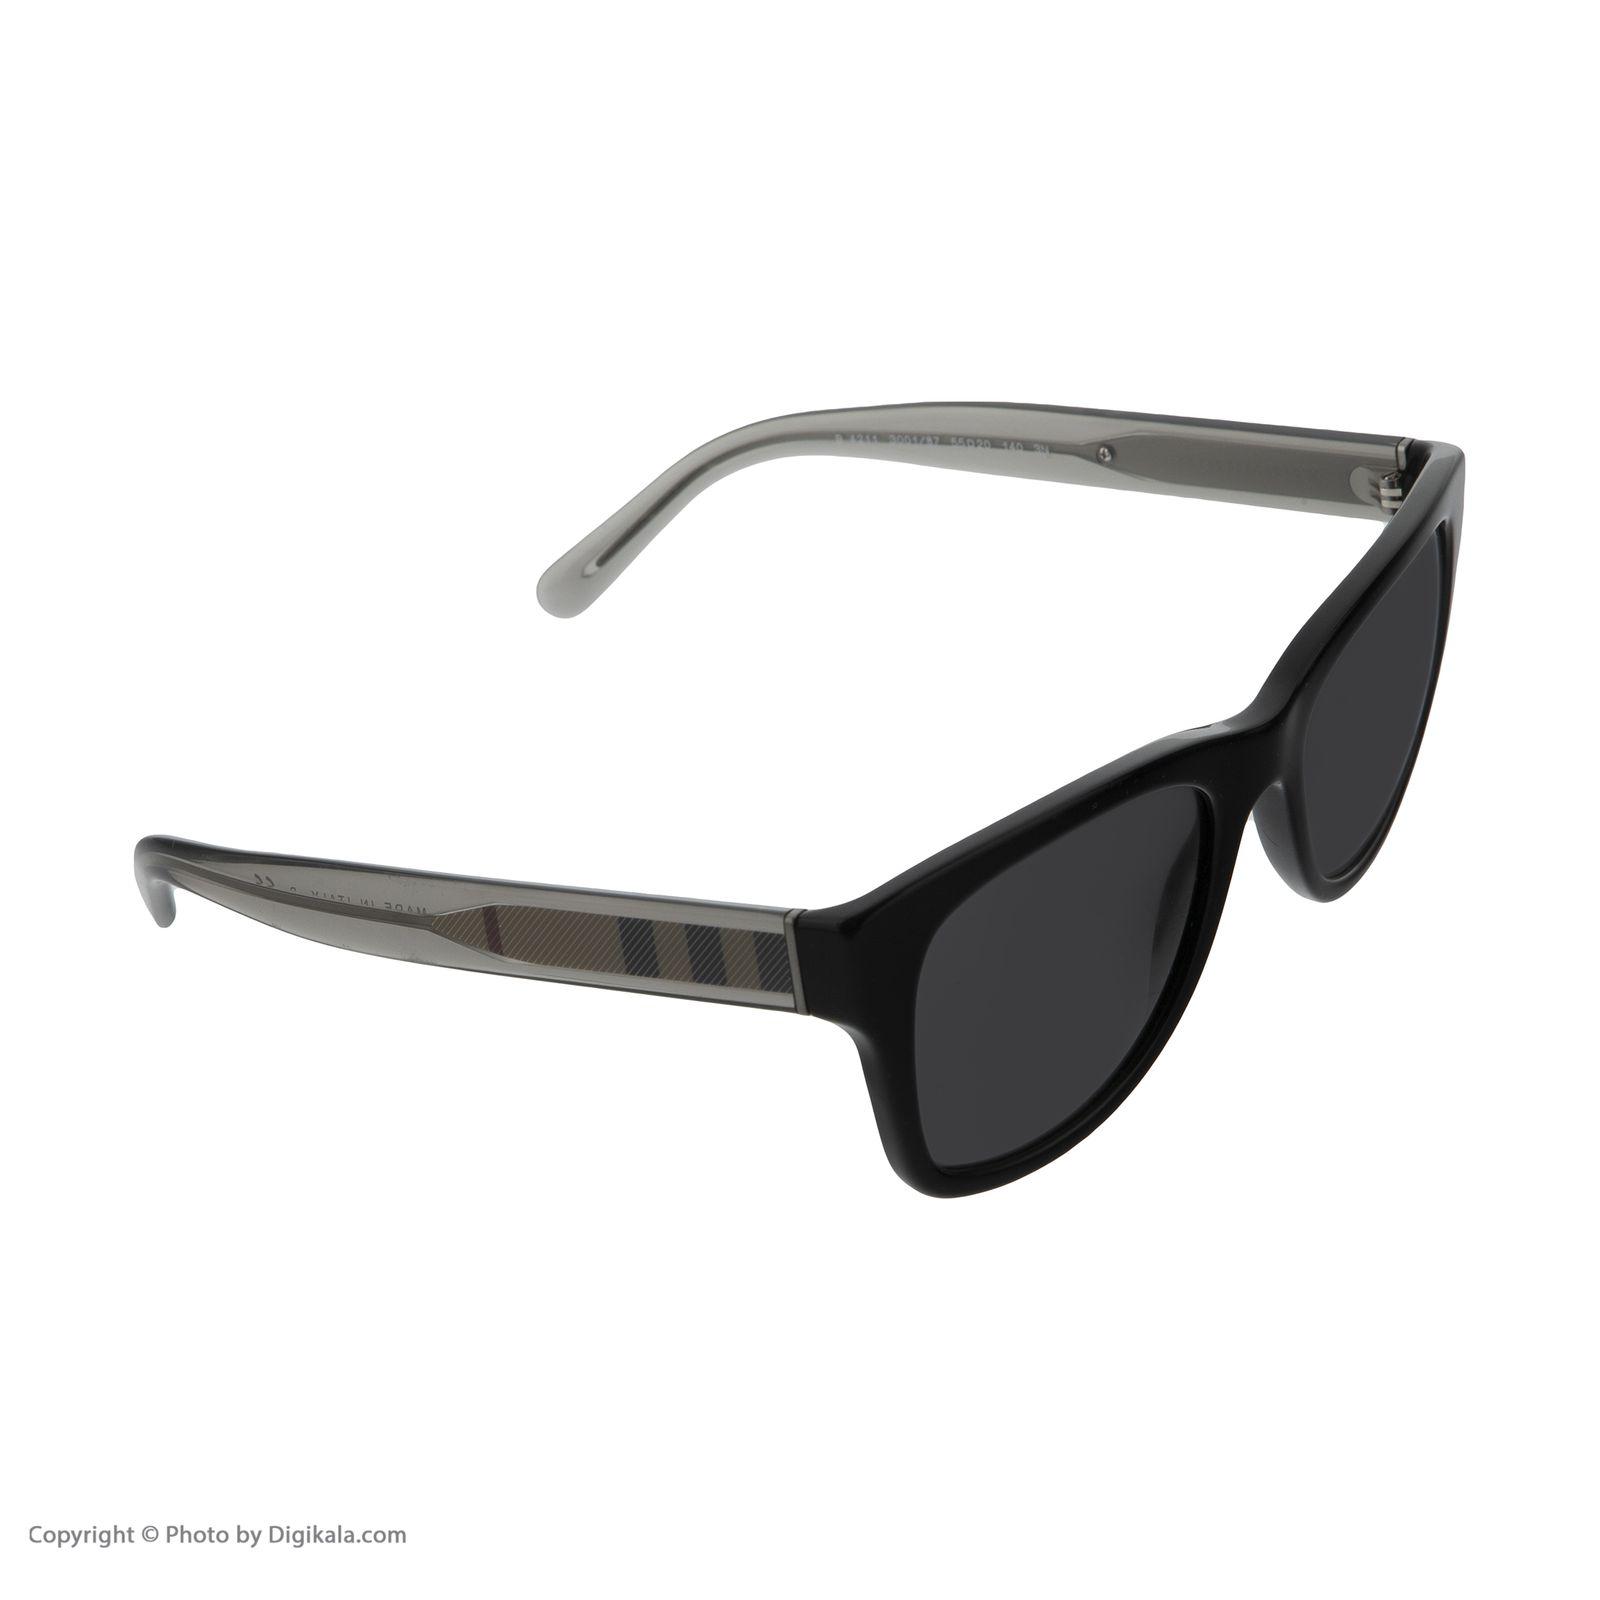 عینک آفتابی زنانه بربری مدل BE 4211S 300187 55 -  - 4